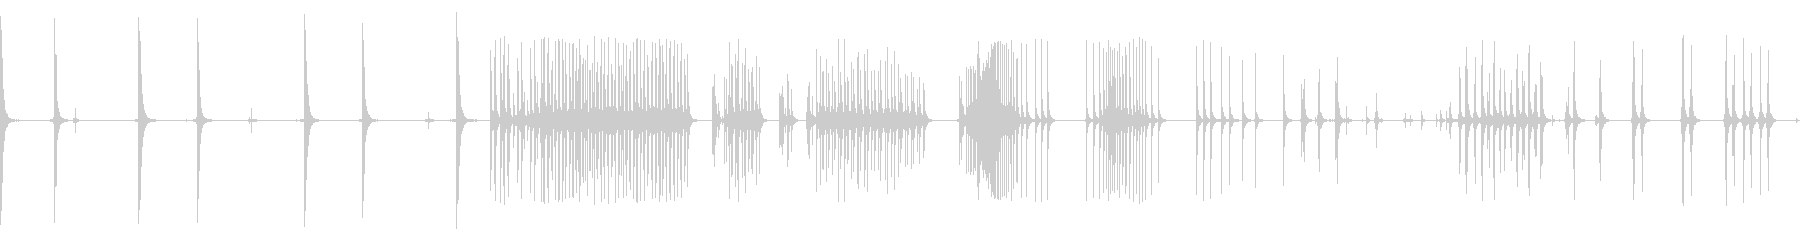 カージャックスプロケットラチェットの未再生の波形